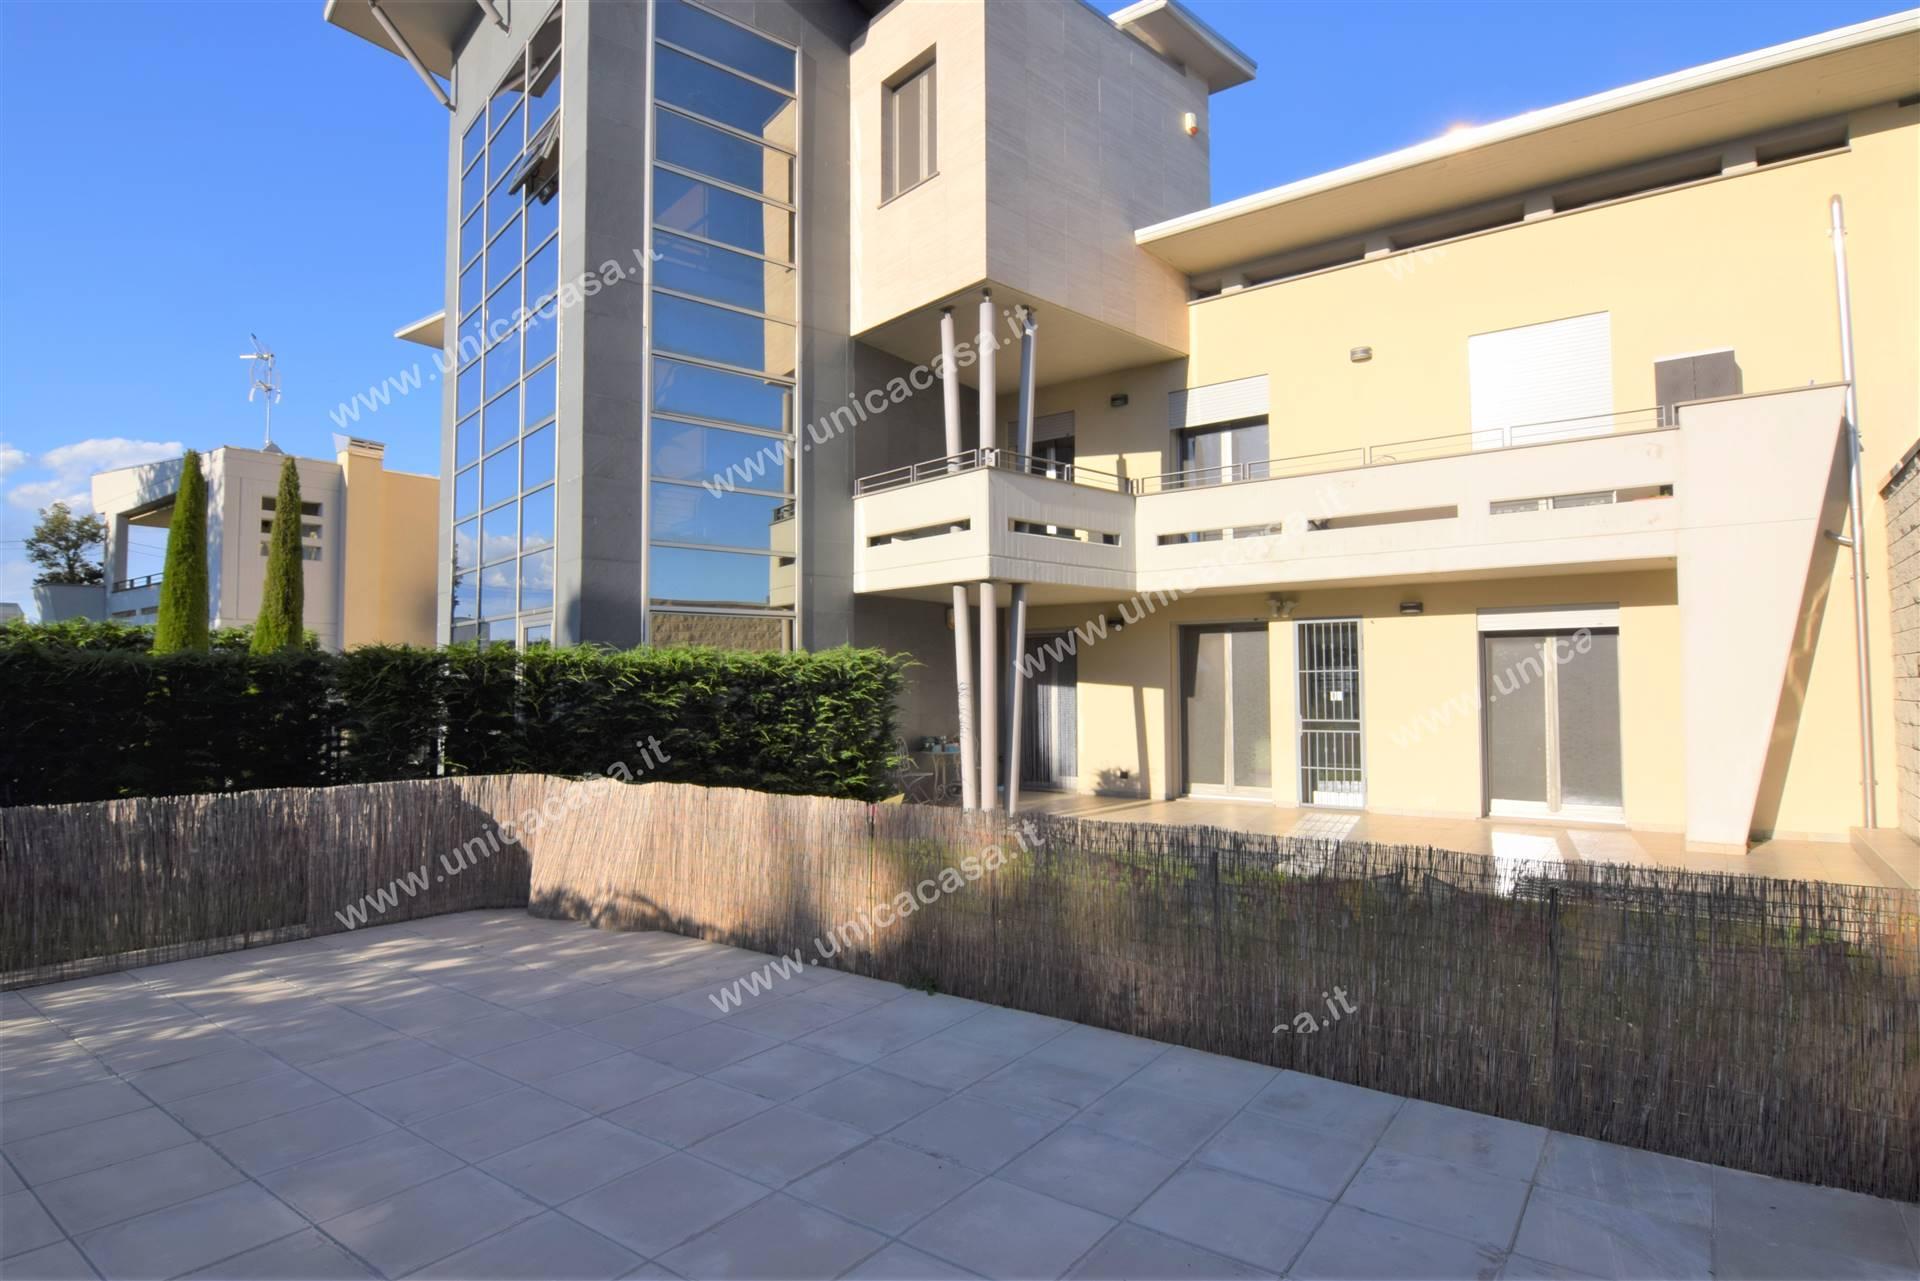 Appartamento in vendita a Cologno al Serio, 5 locali, prezzo € 290.000   PortaleAgenzieImmobiliari.it